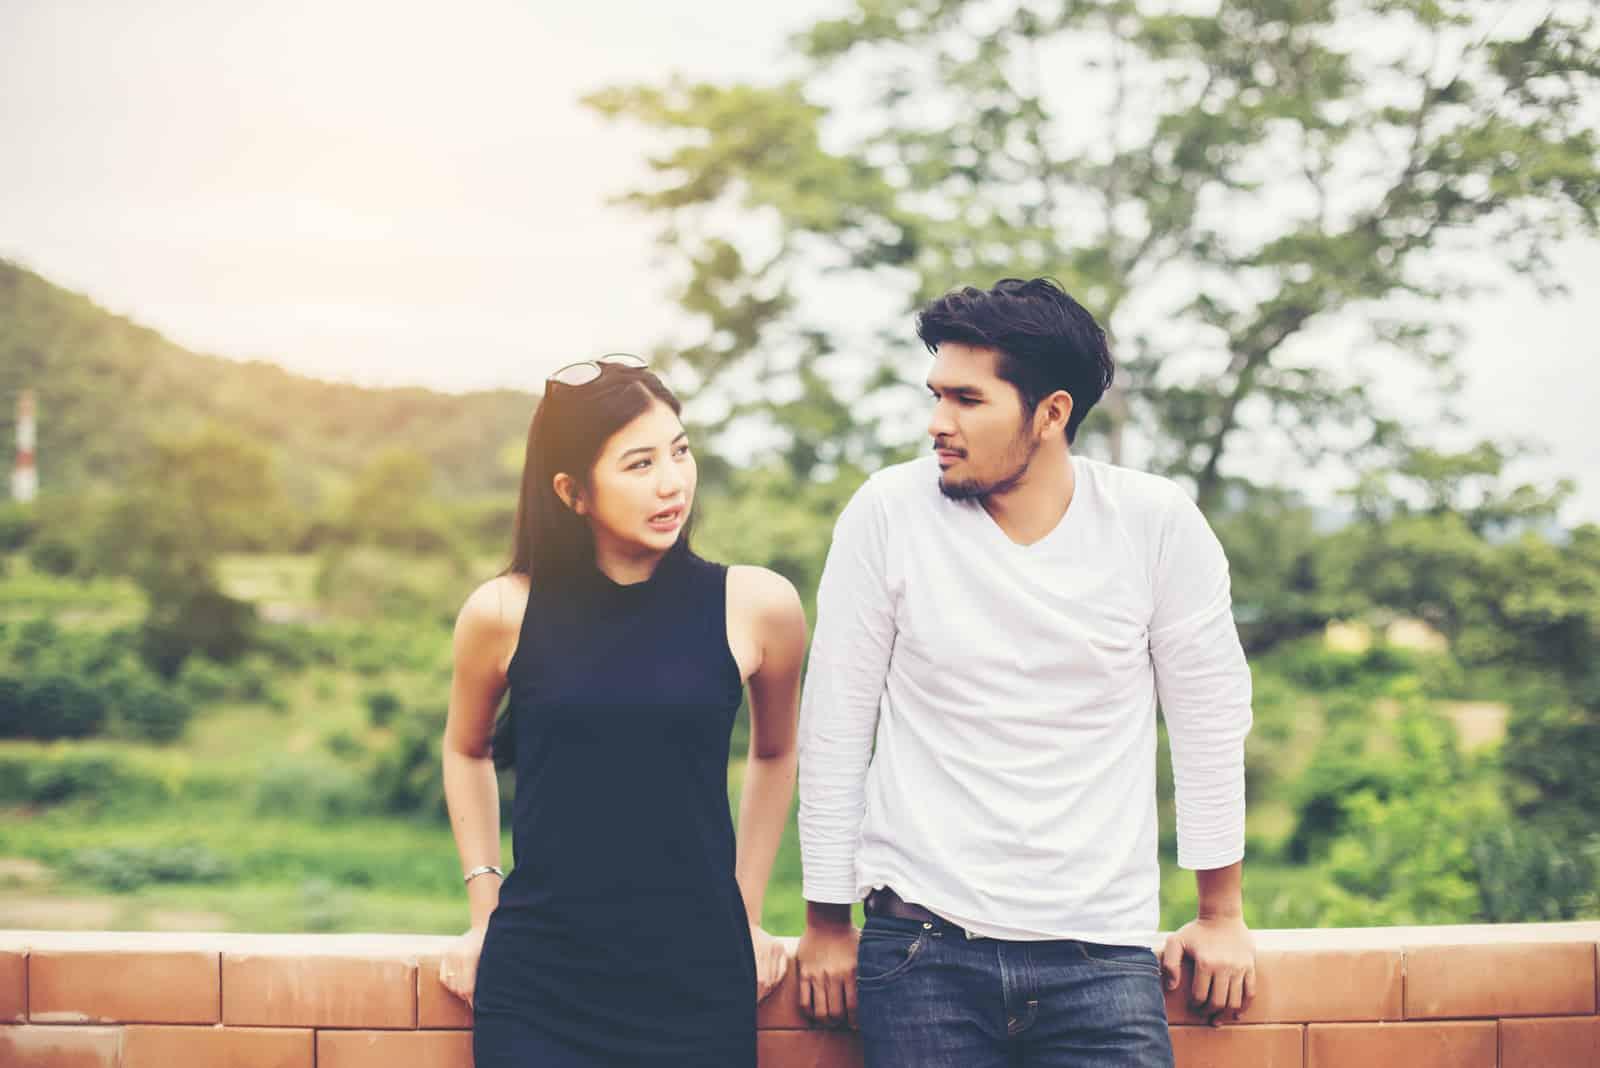 attraktive Frau hört ihrem Freund ernsthaft zu